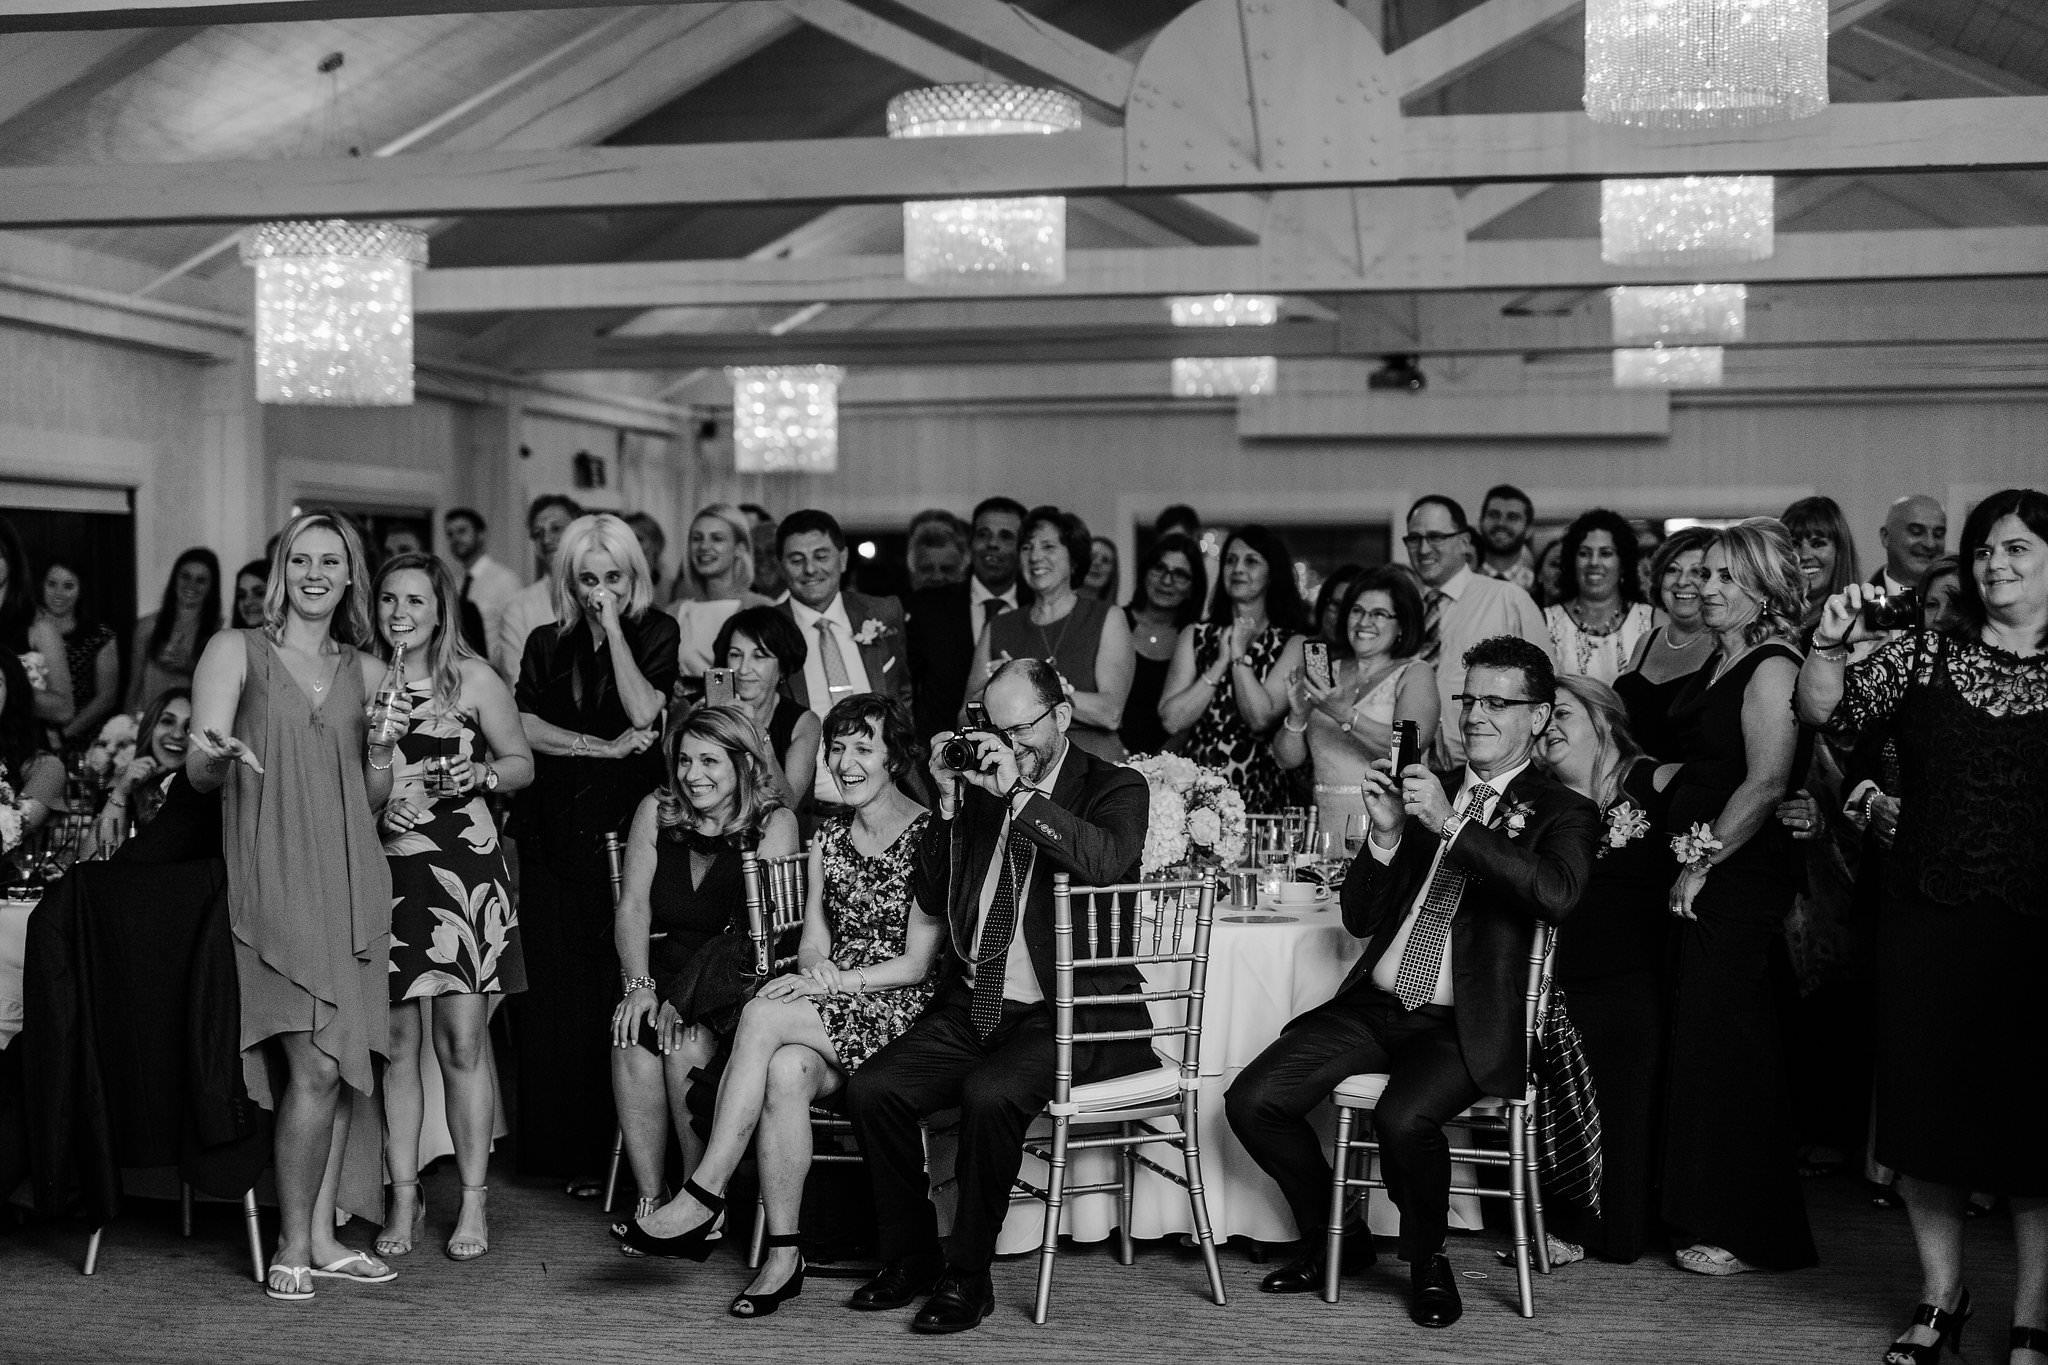 whistlebearweddingphotos 828 - Whistle Bear Wedding Photos